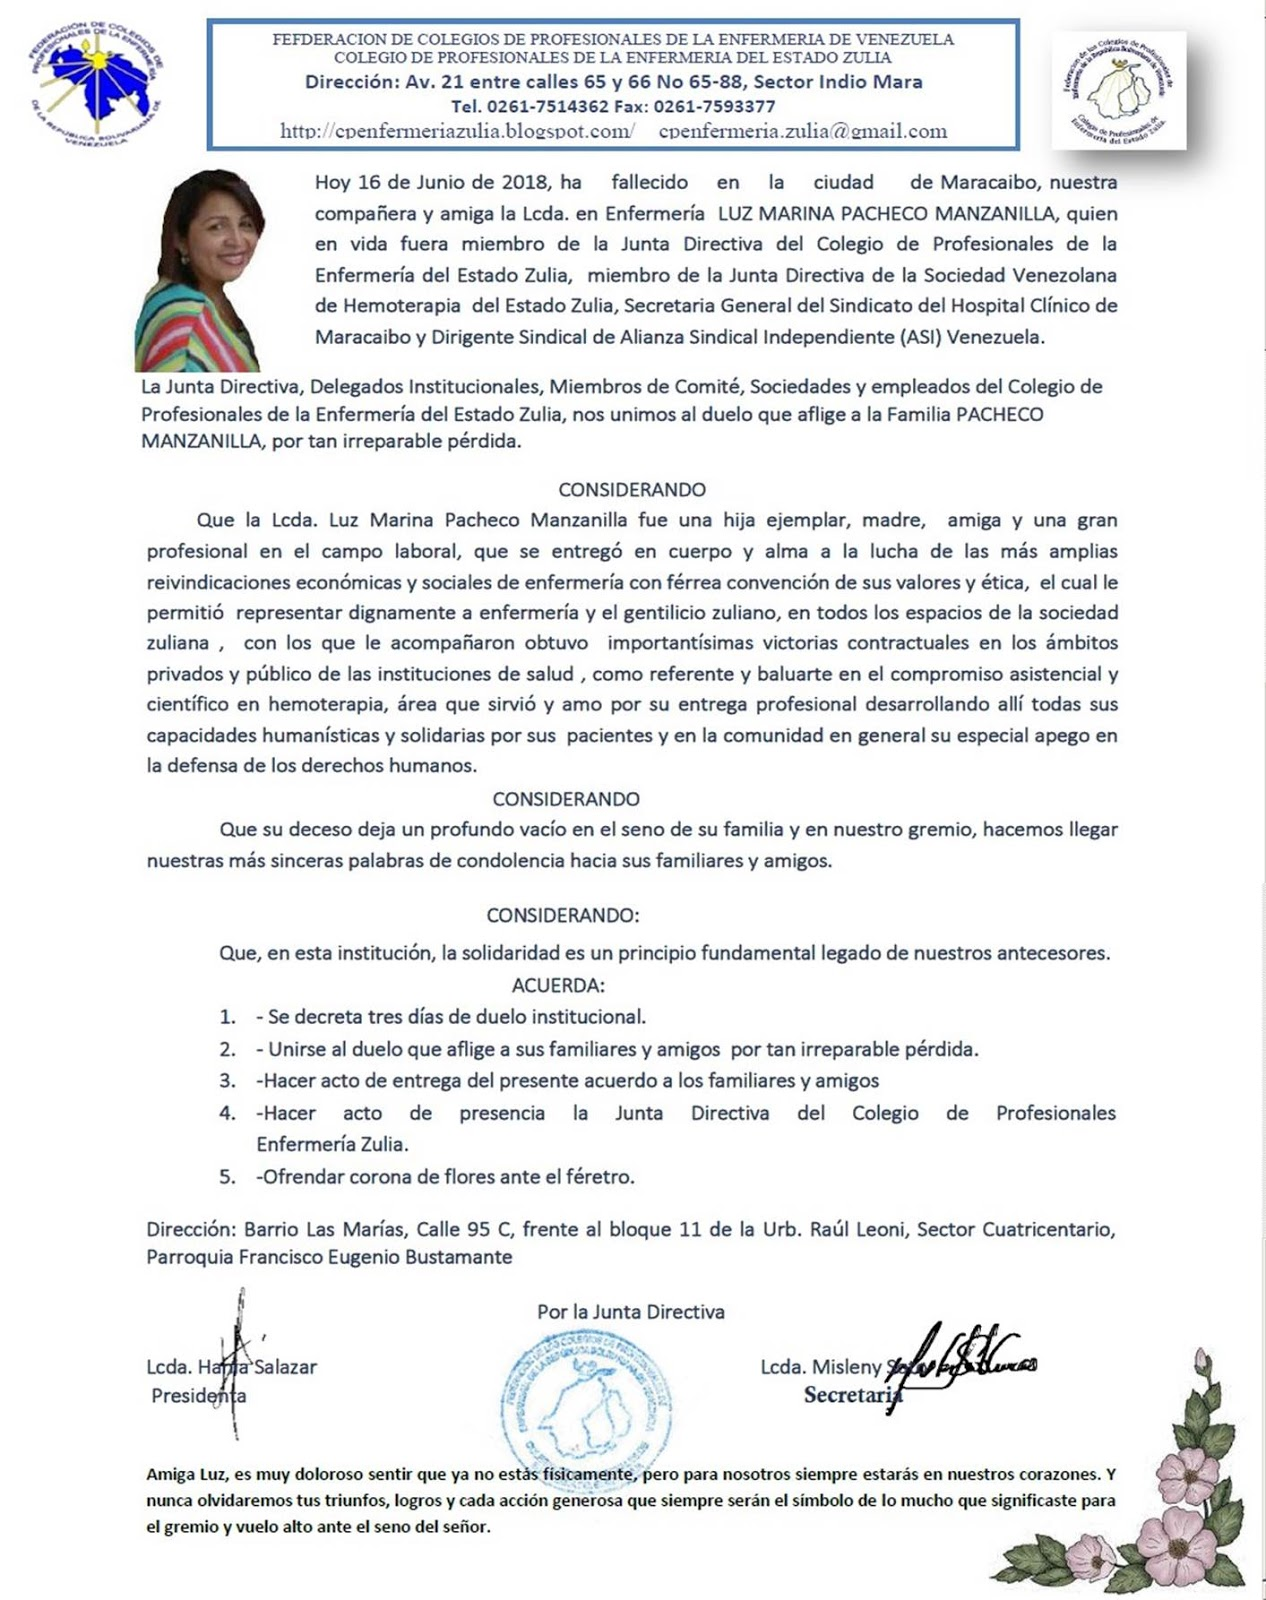 Dorable Logros Clave De Enfermería Bosquejo - Ejemplo De Colección ...